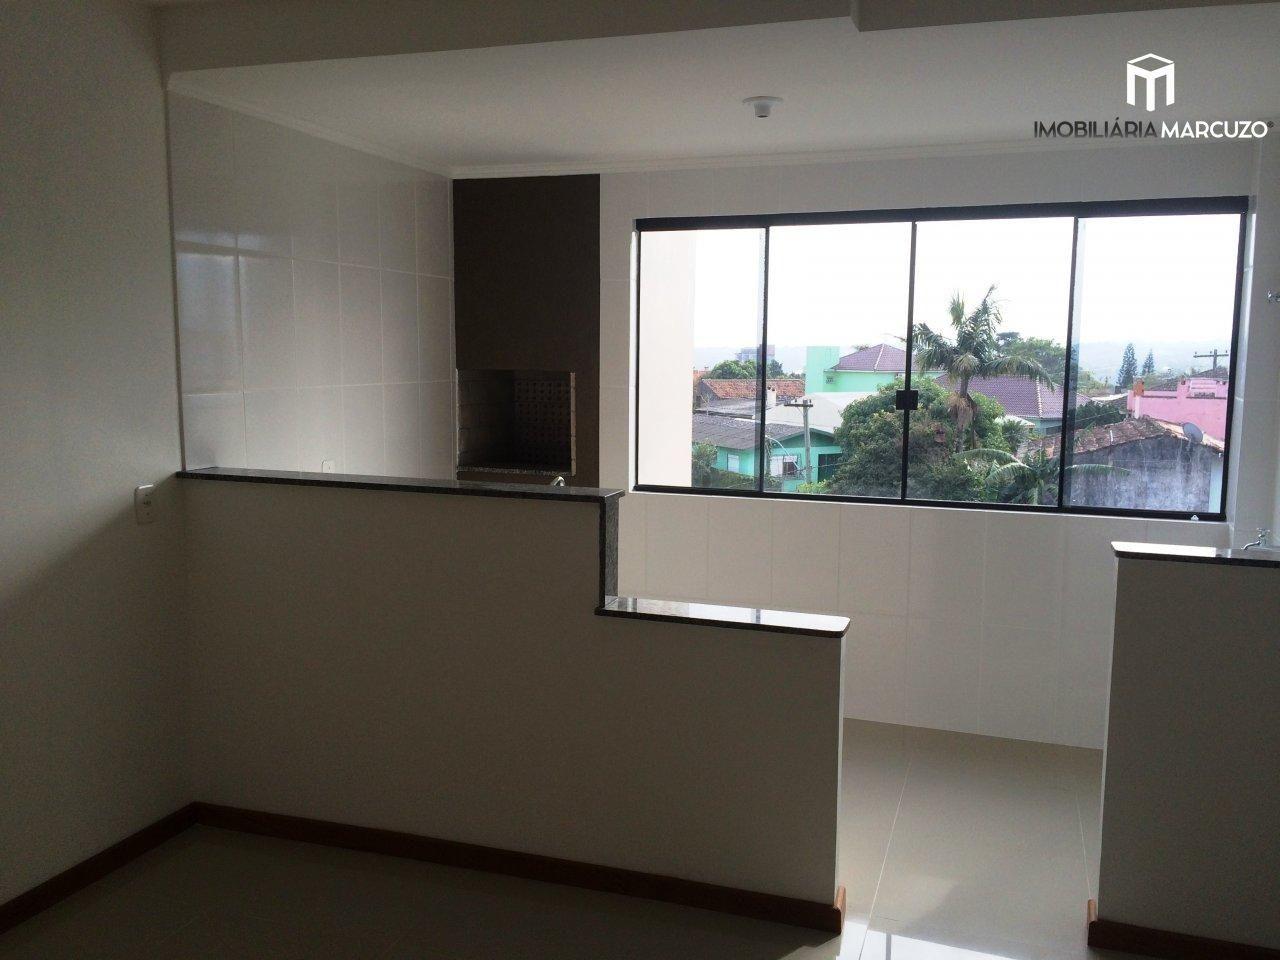 Apartamento com 1 Dormitórios à venda, 40 m² por R$ 168.000,00